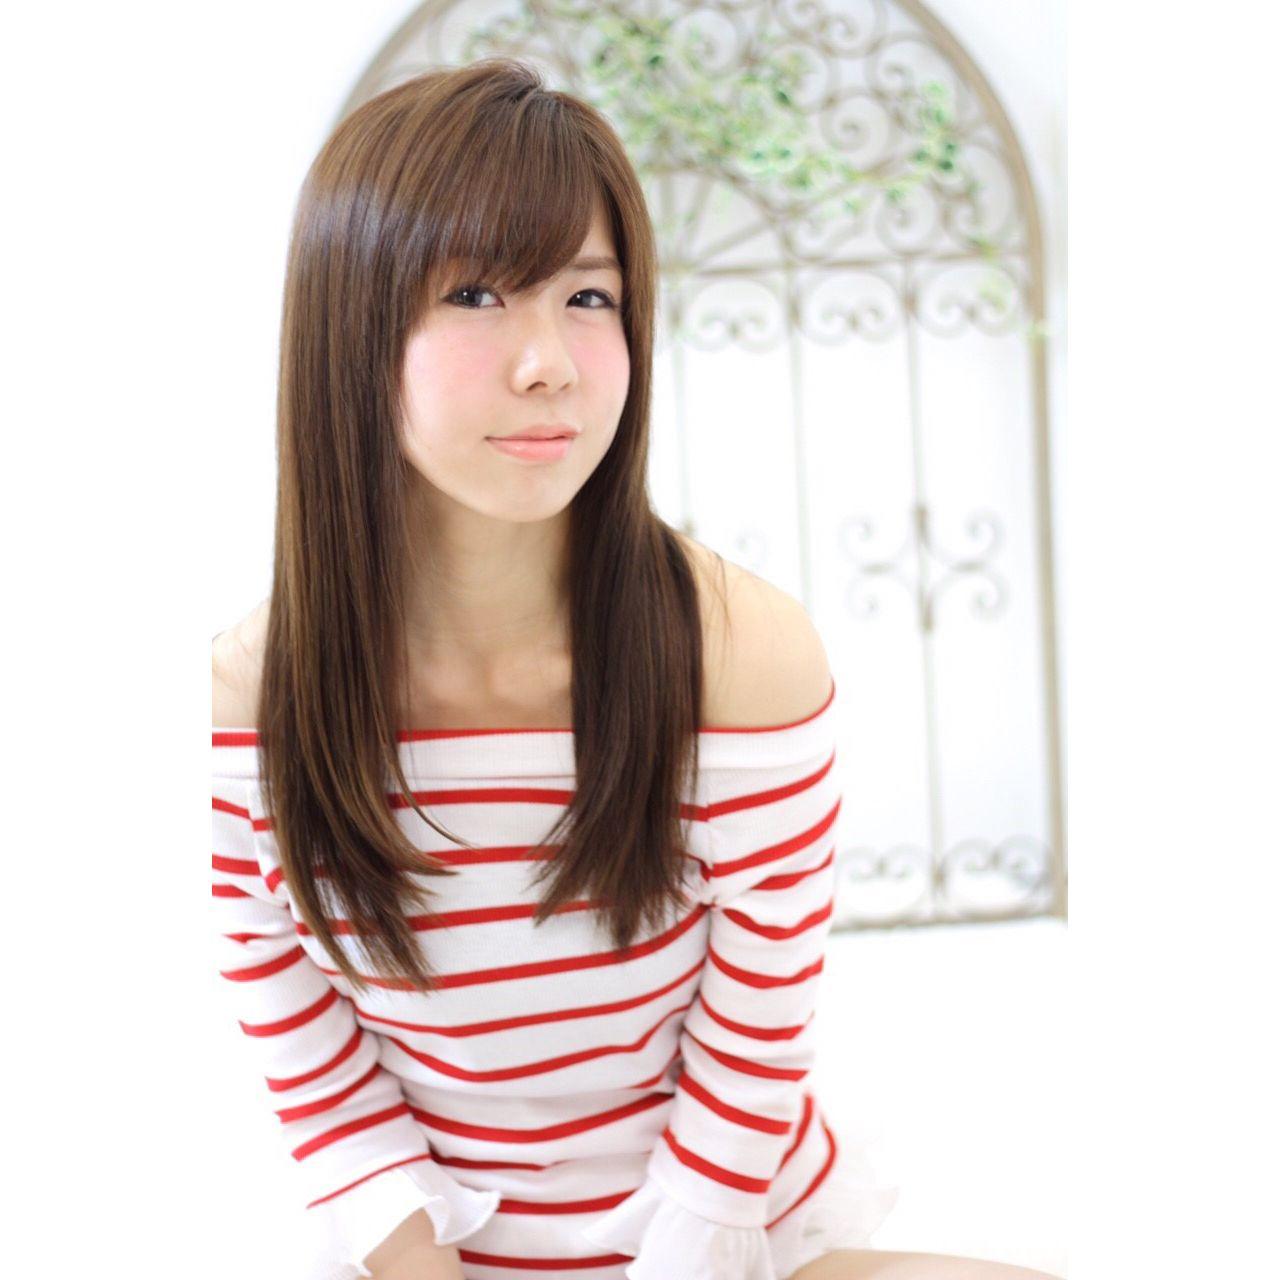 エアリー感と無造作感で作るハイセンスなストレートヘア。「ニュアンス」が鍵だった! 久保田 成美